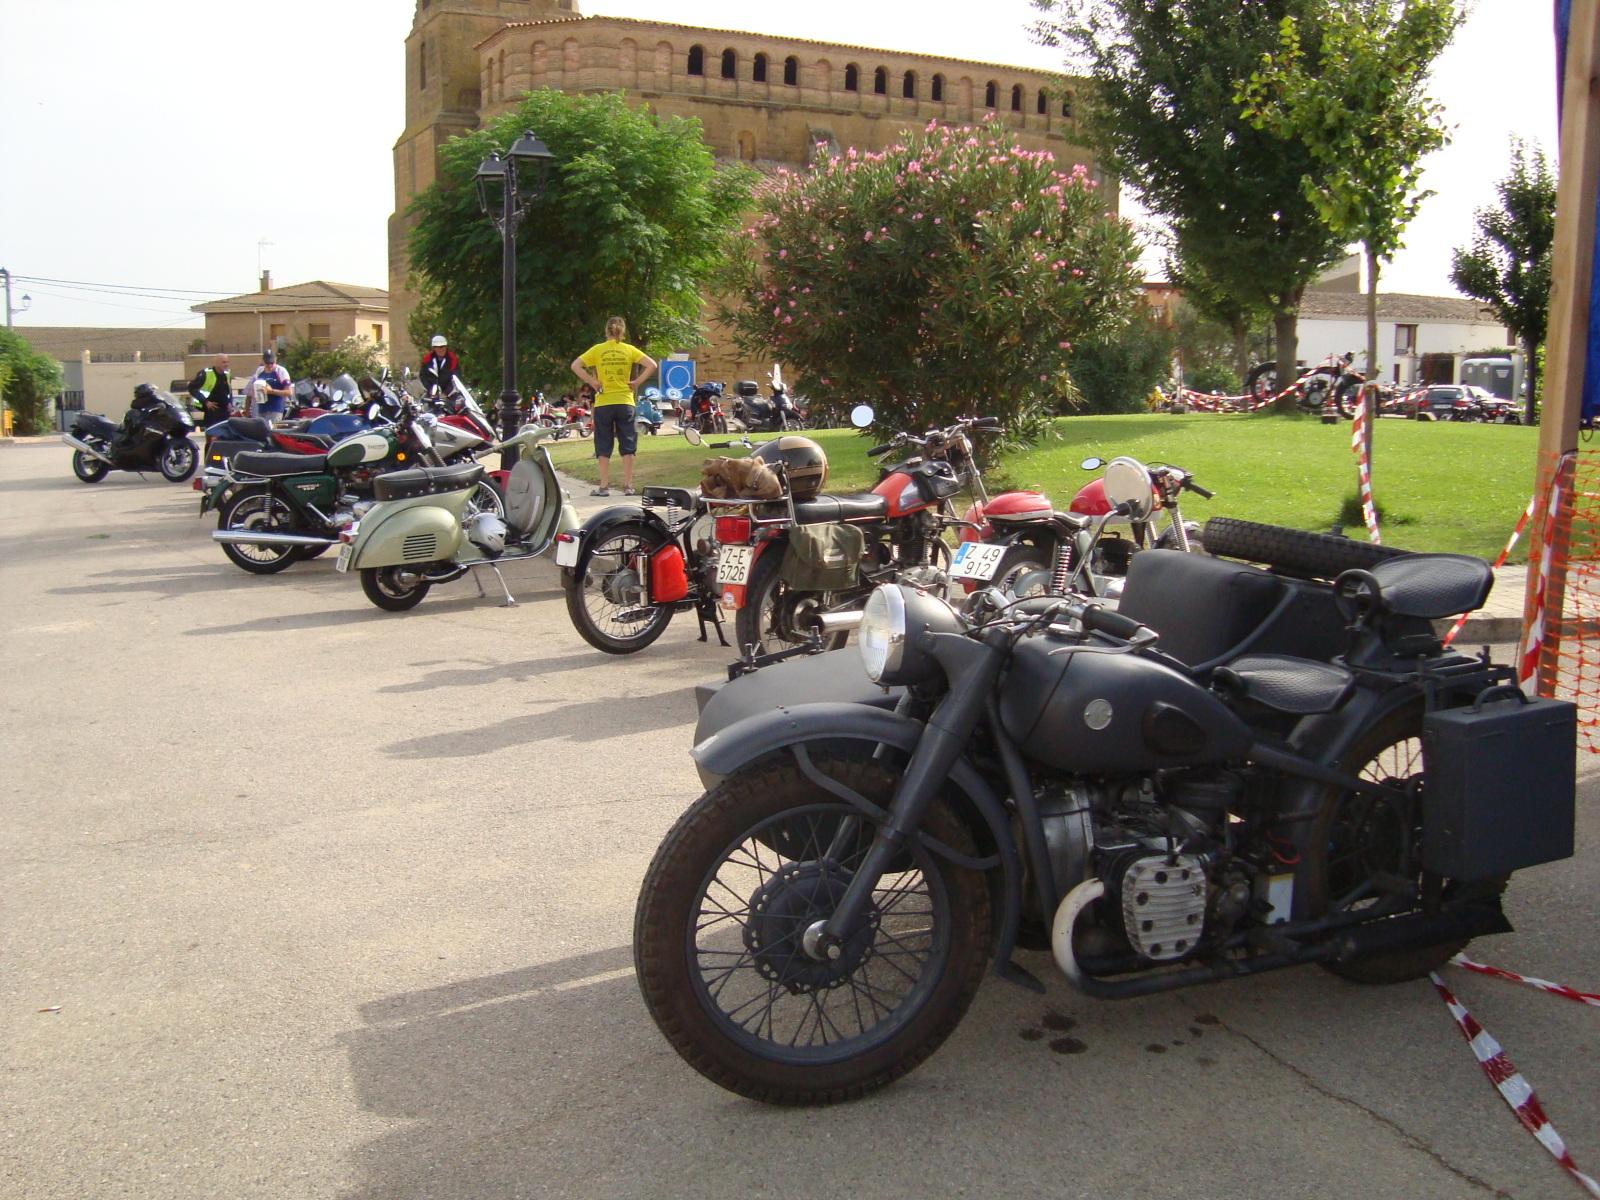 XI concentracion de motos antiguas en Alberuela de tubo (Huesca) Bfjjtw